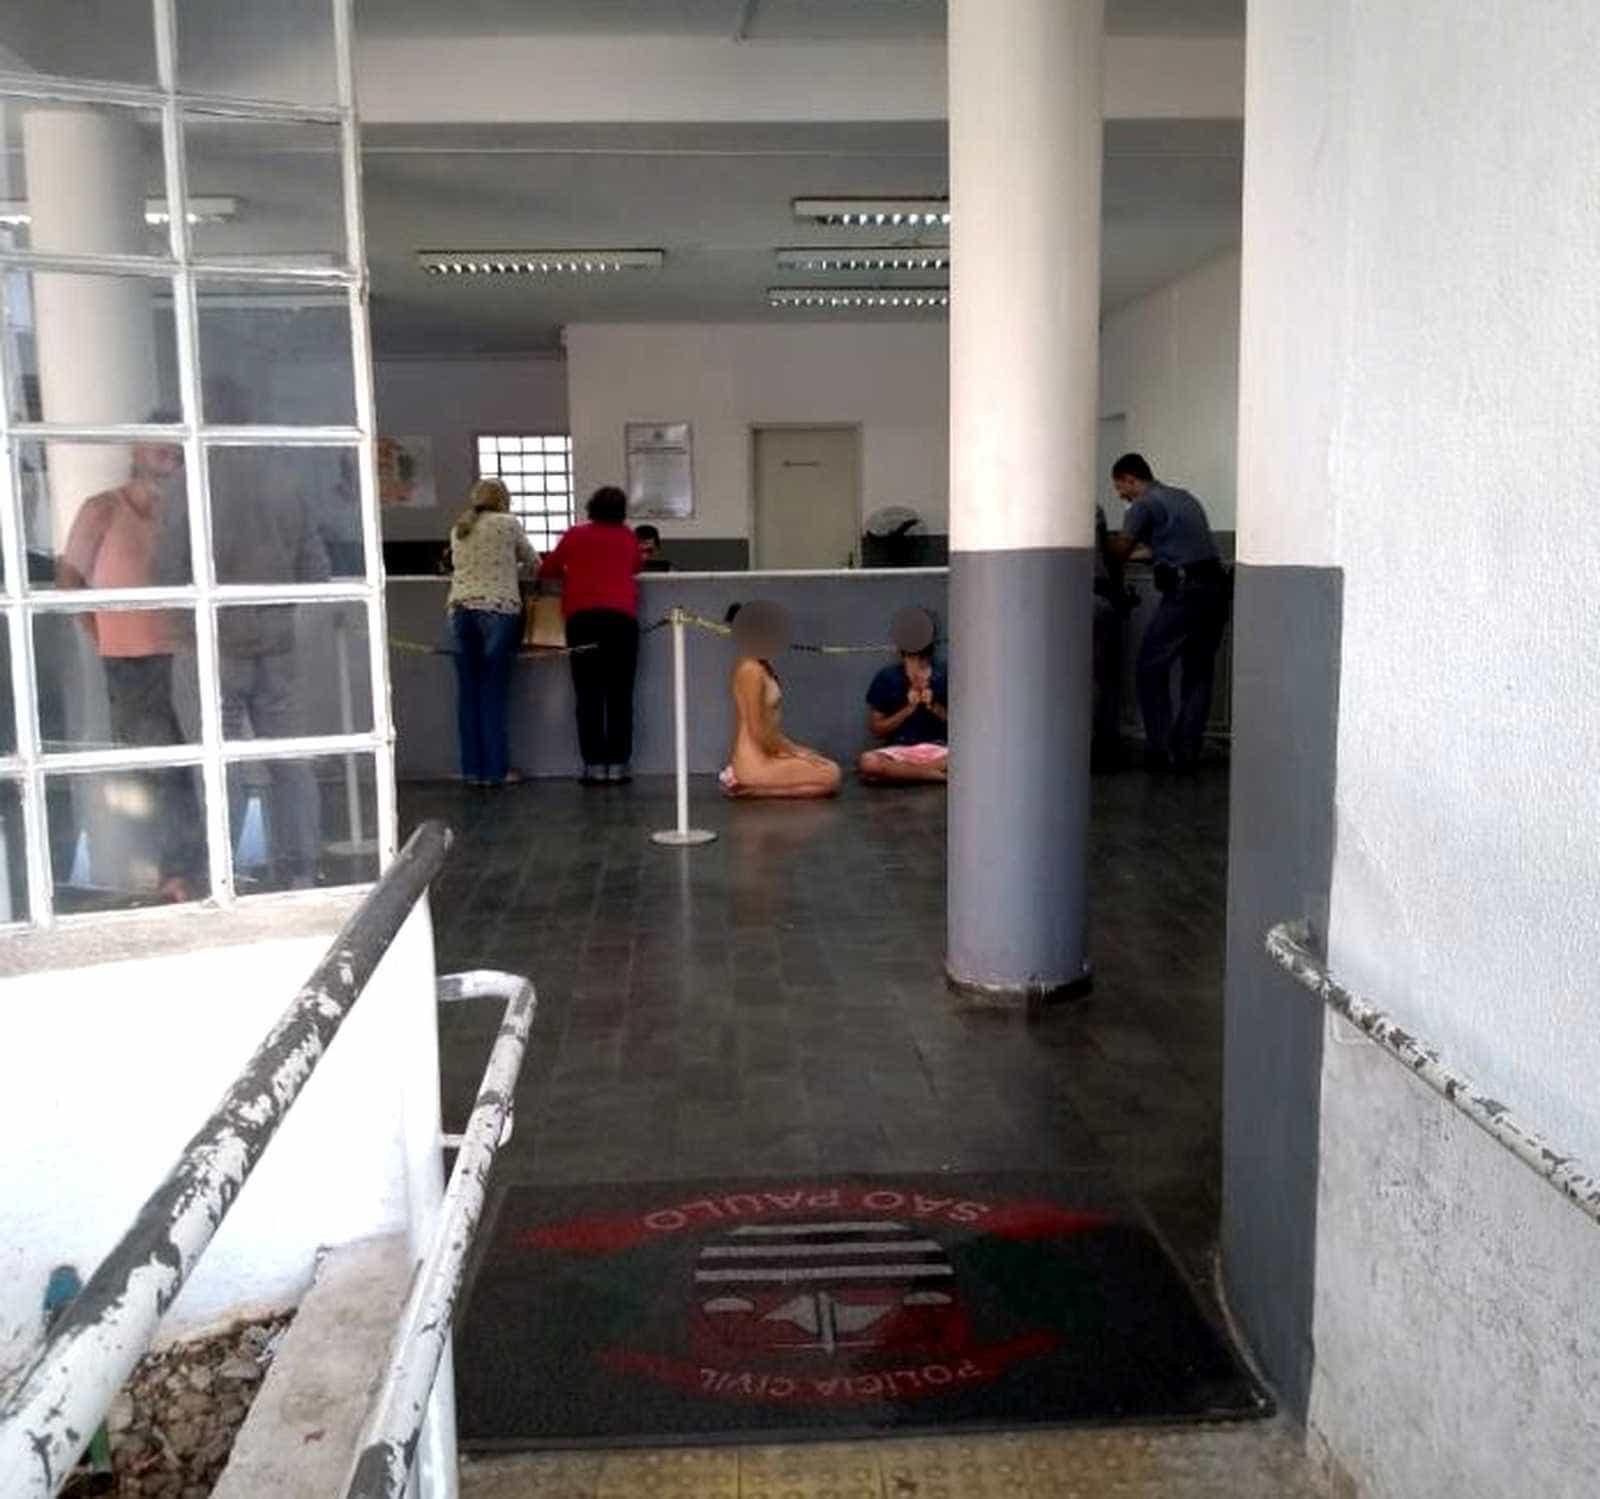 Trio é detido nu após usar chá de Santo Daime e medita na delegacia